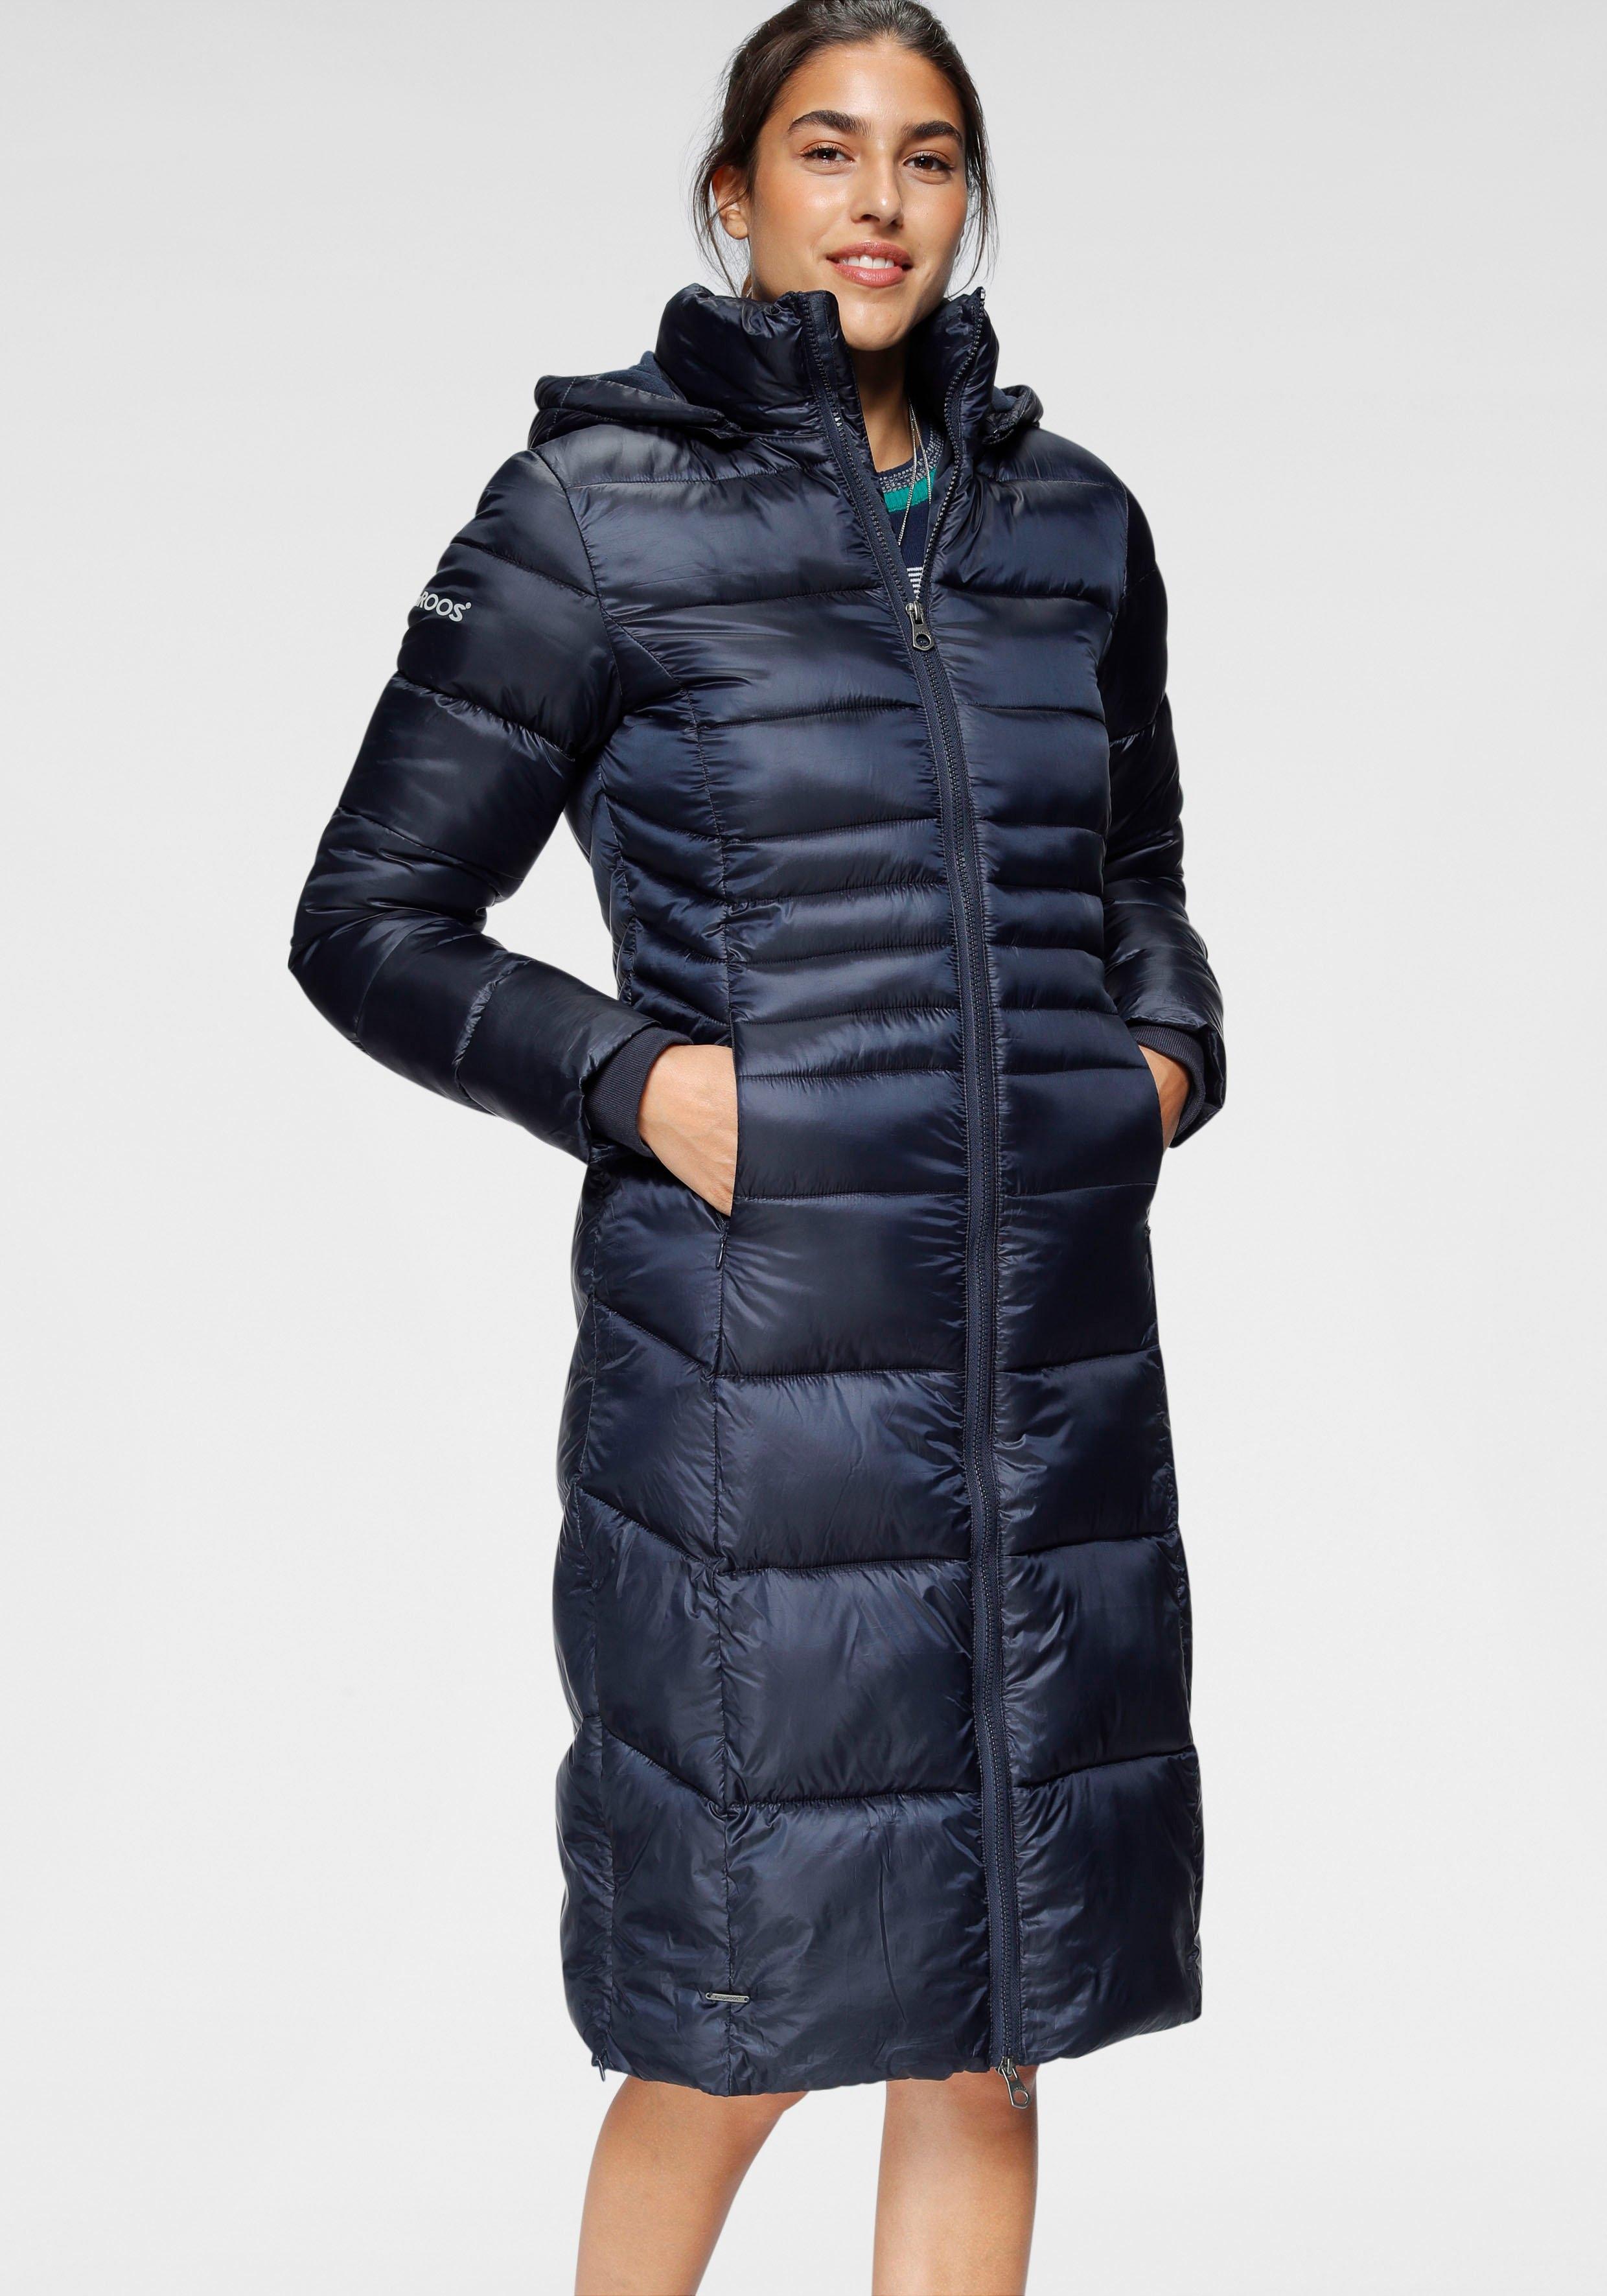 KangaROOS doorgestikte jas bestellen: 30 dagen bedenktijd